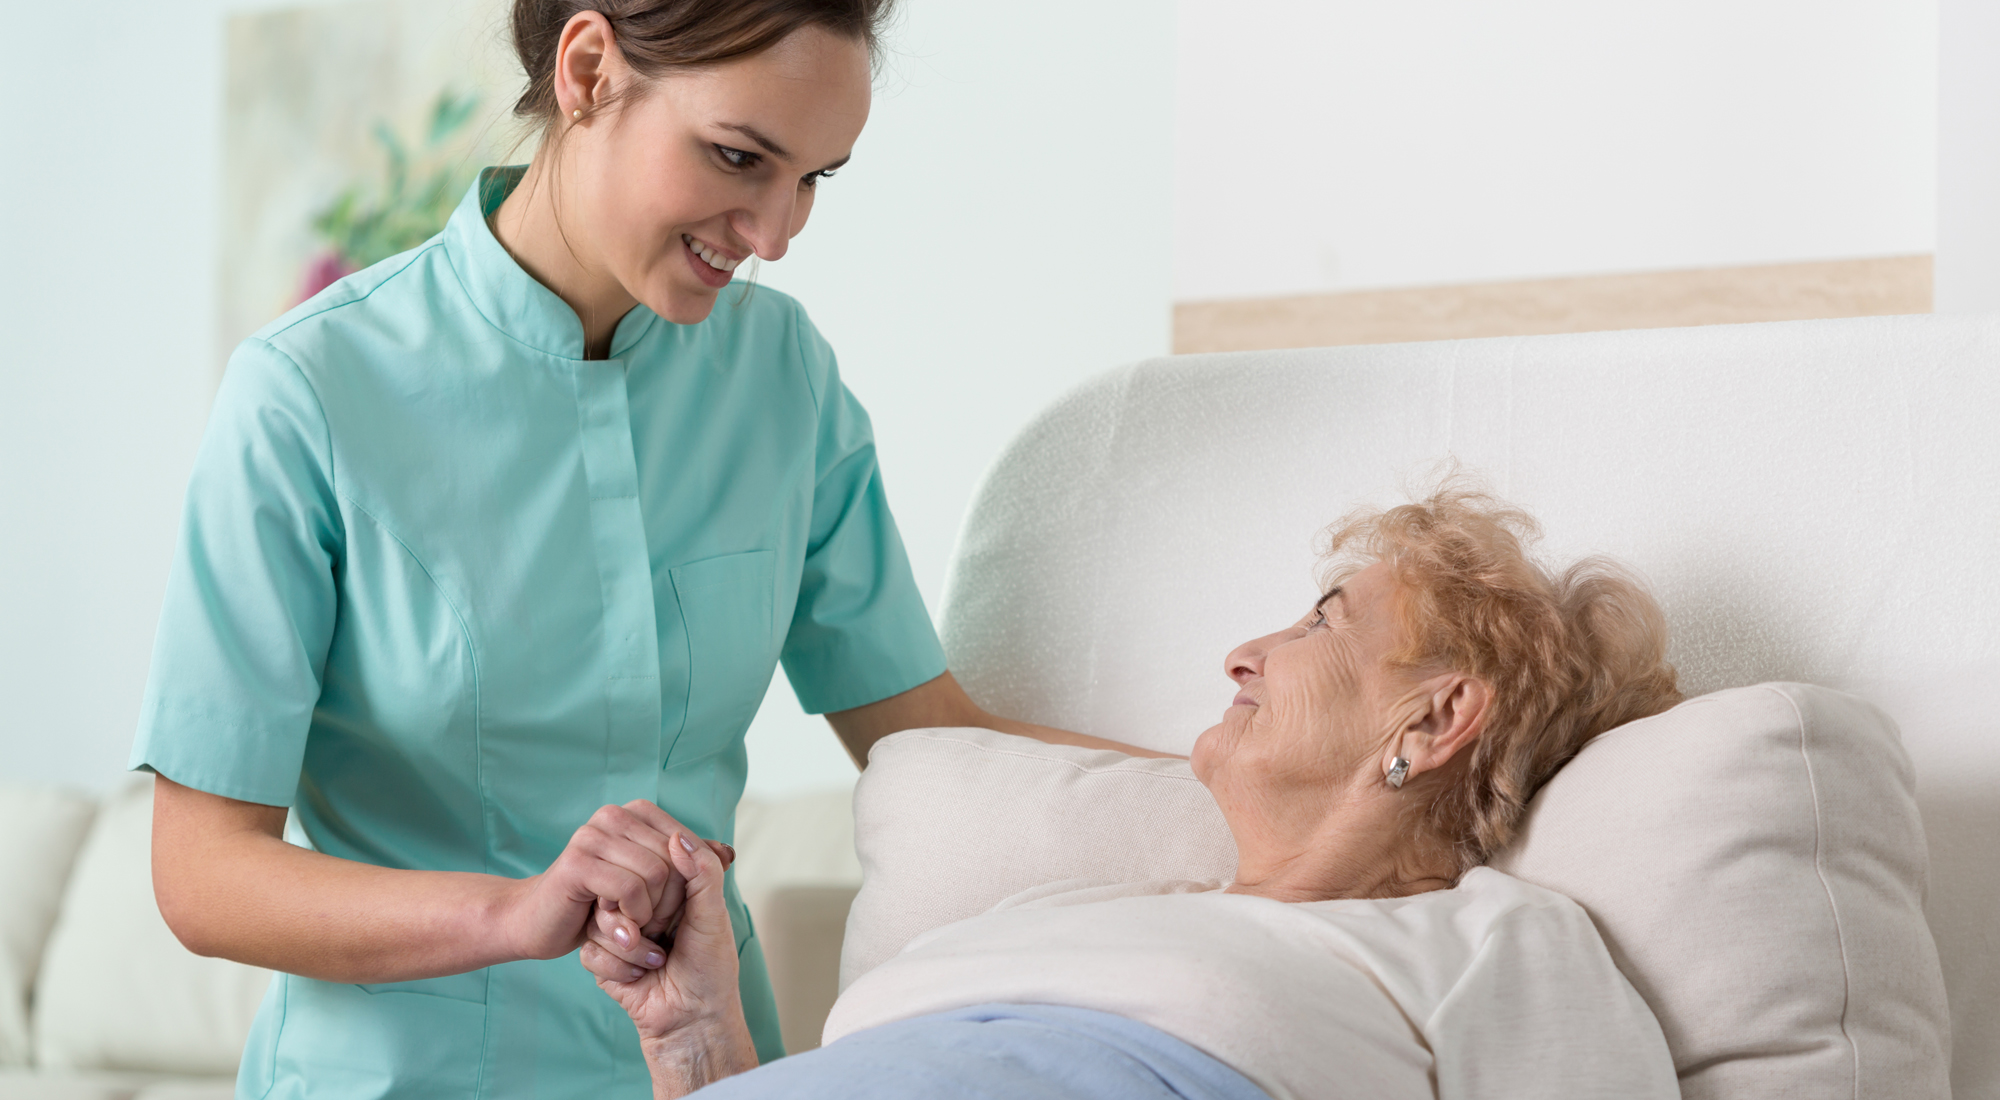 Comprar camas con carro elevador, colchones sanitarios, mobiliario clínico, barandillas, carros ortopédicos